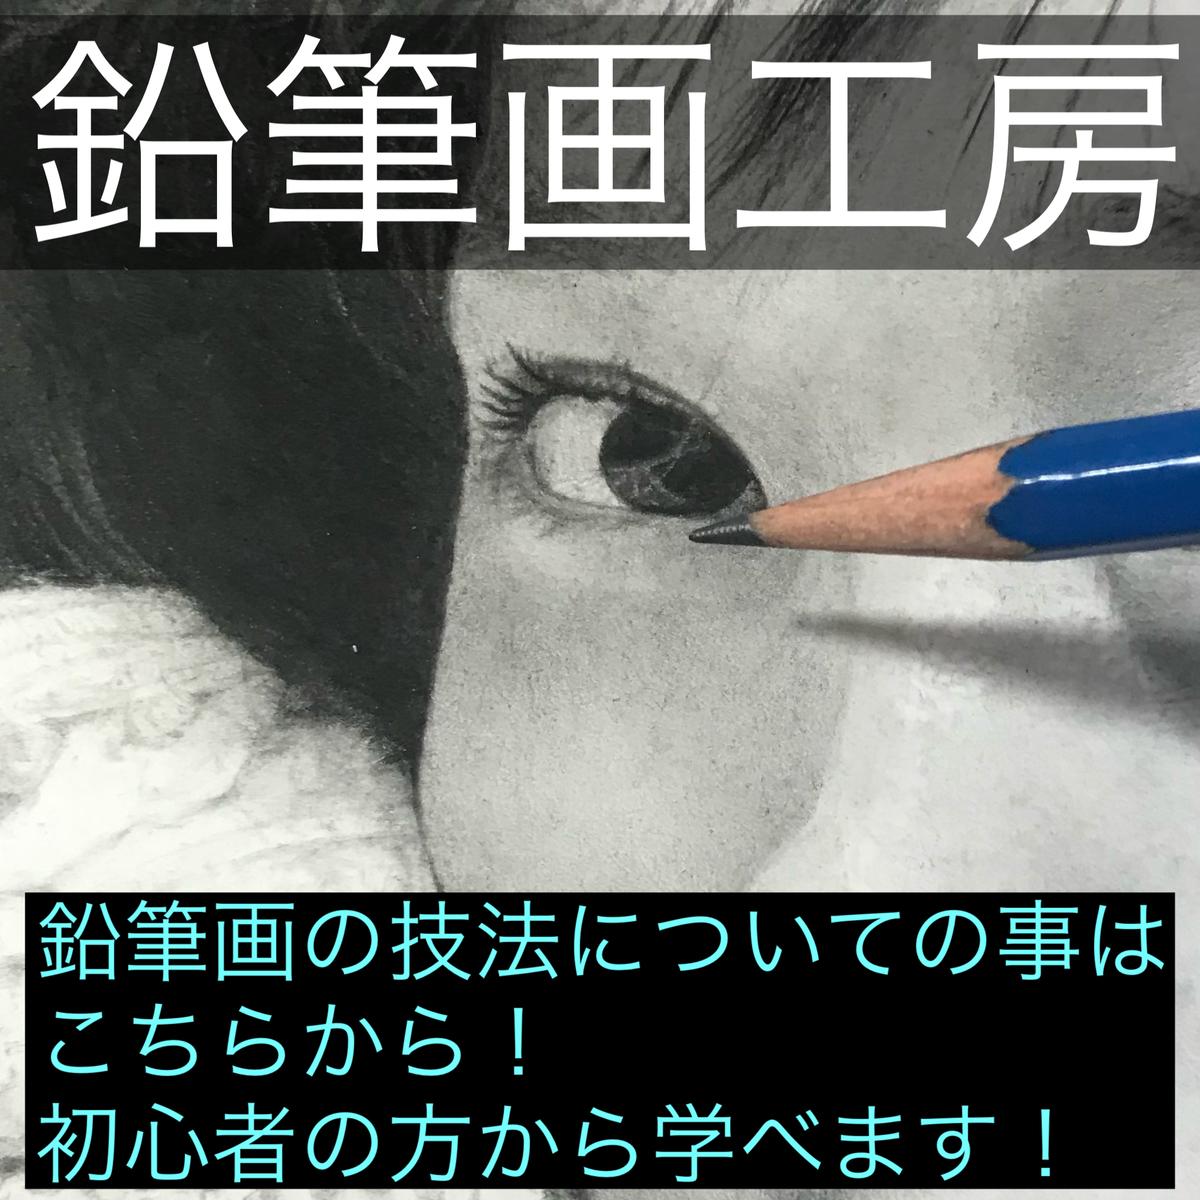 f:id:hoyashinji:20210413093605j:plain